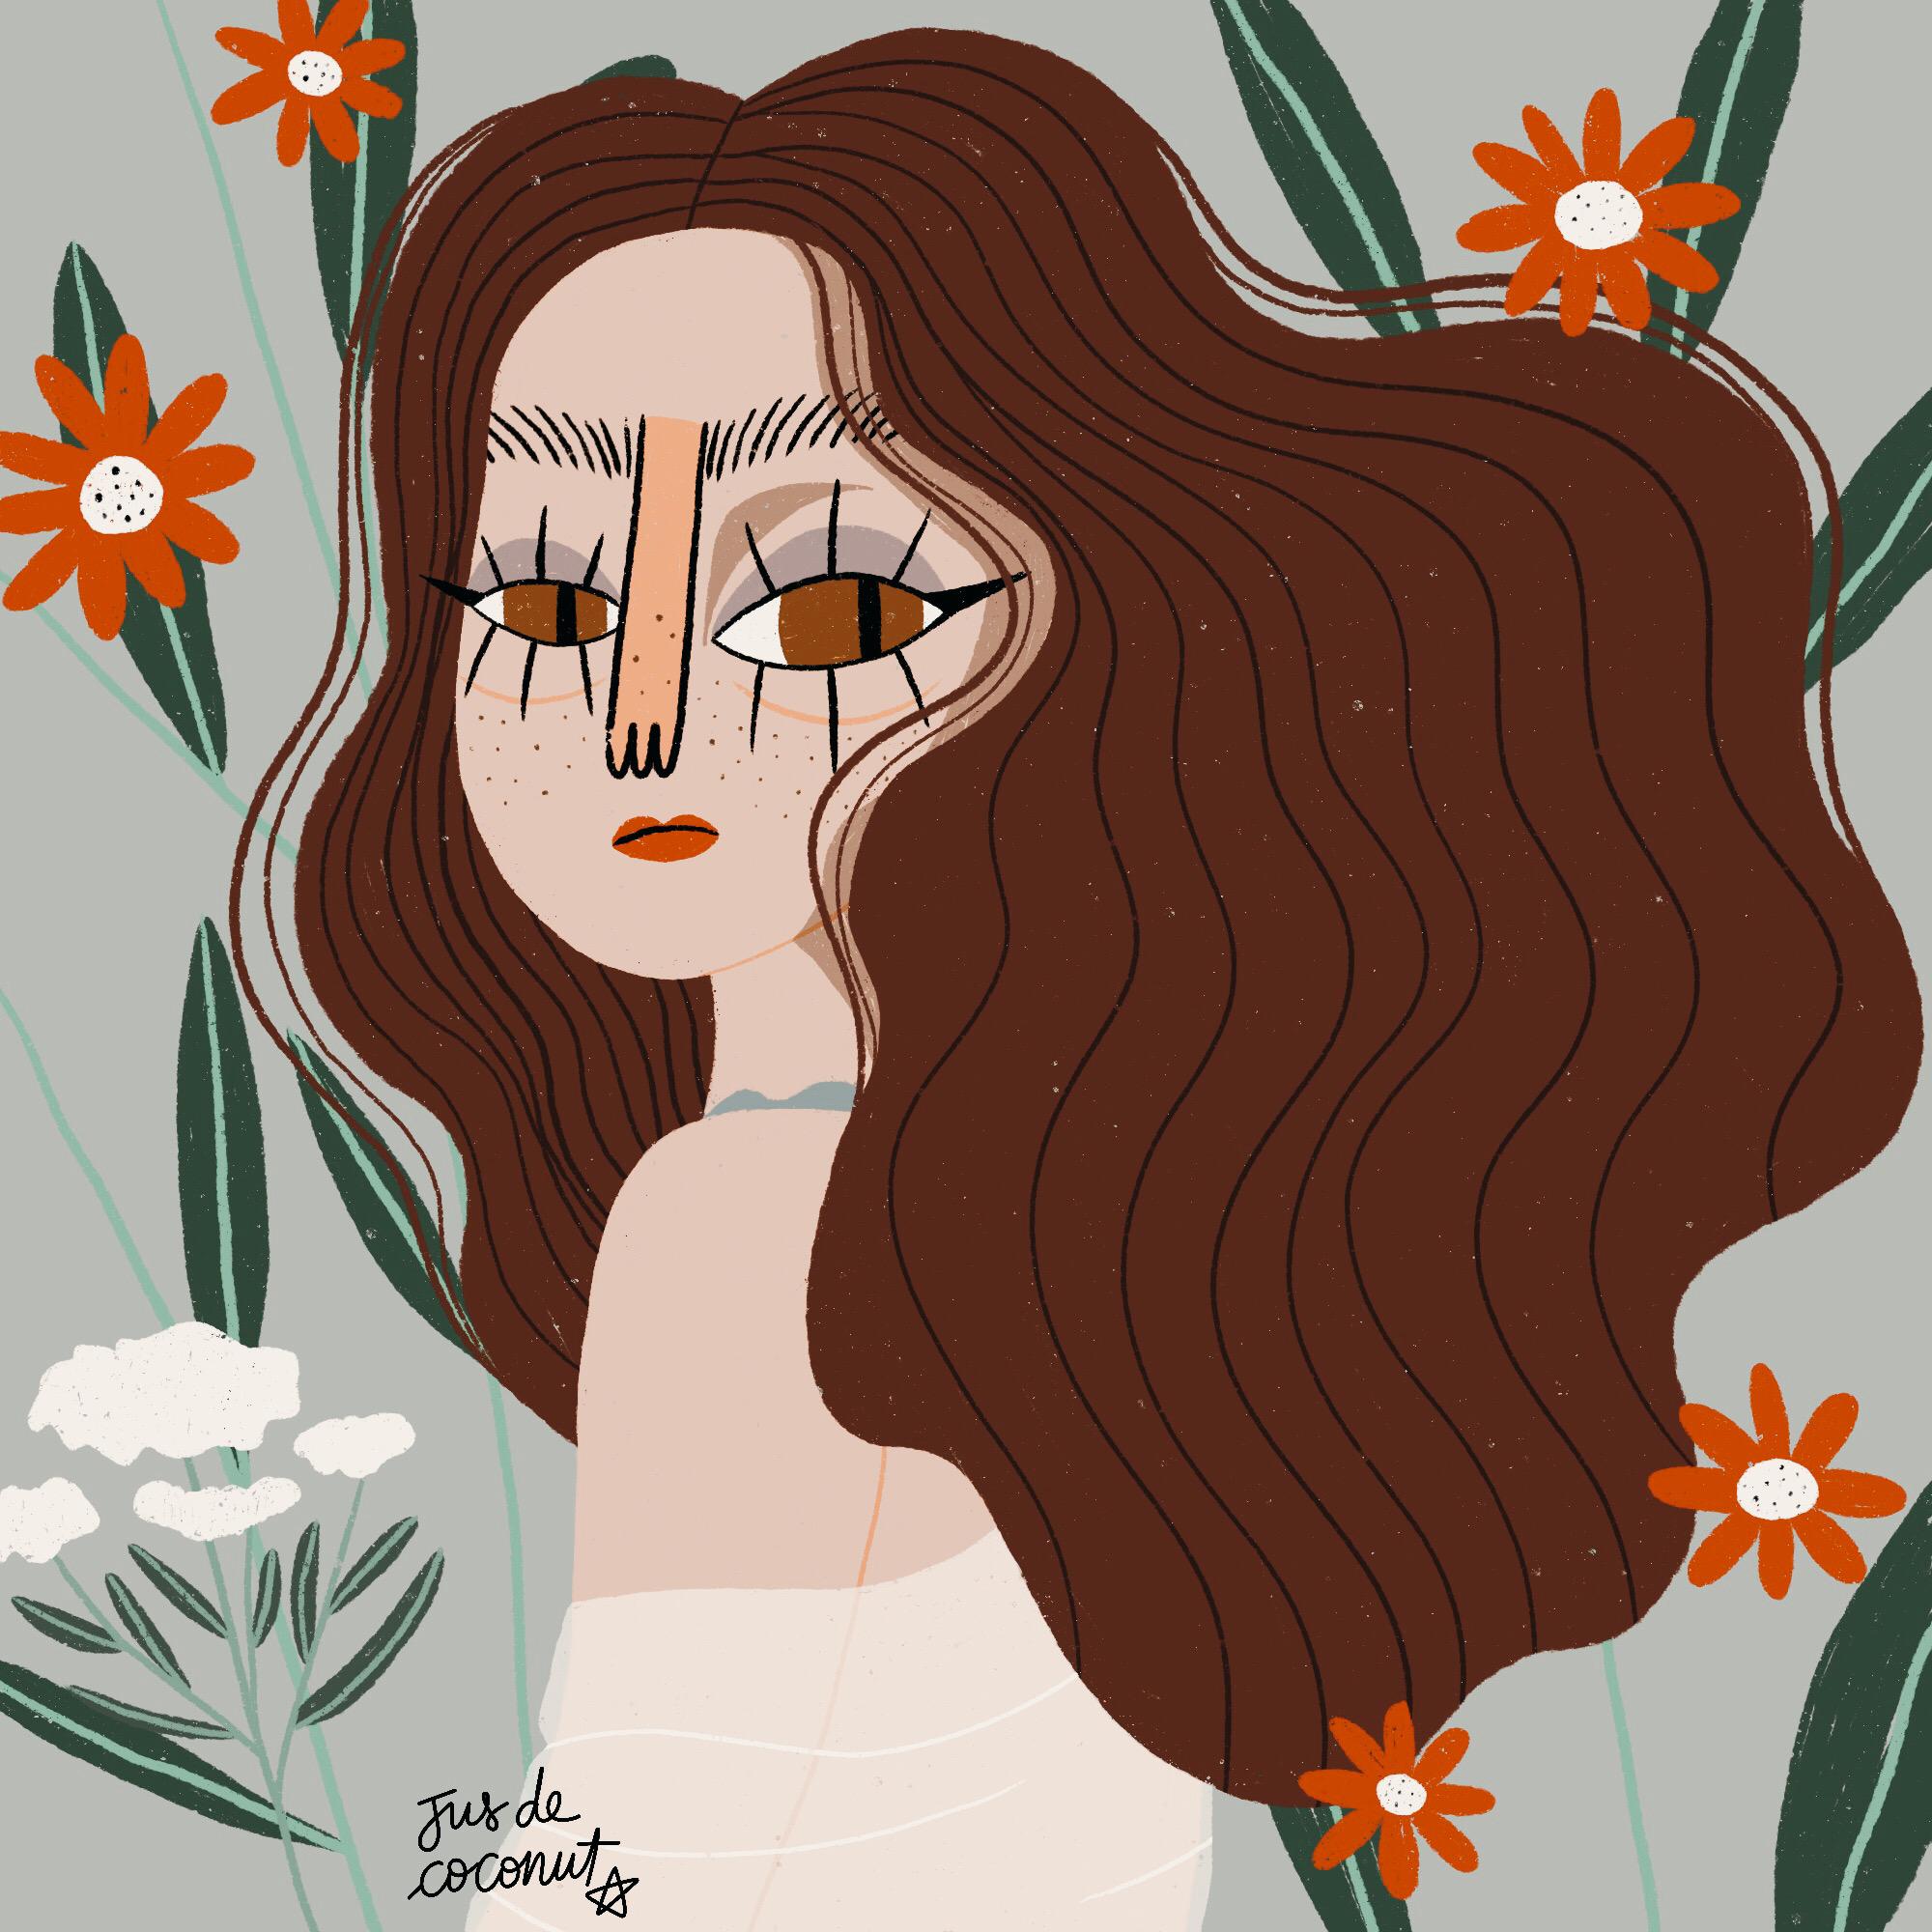 Femme avec des fleurs jusdecoconut